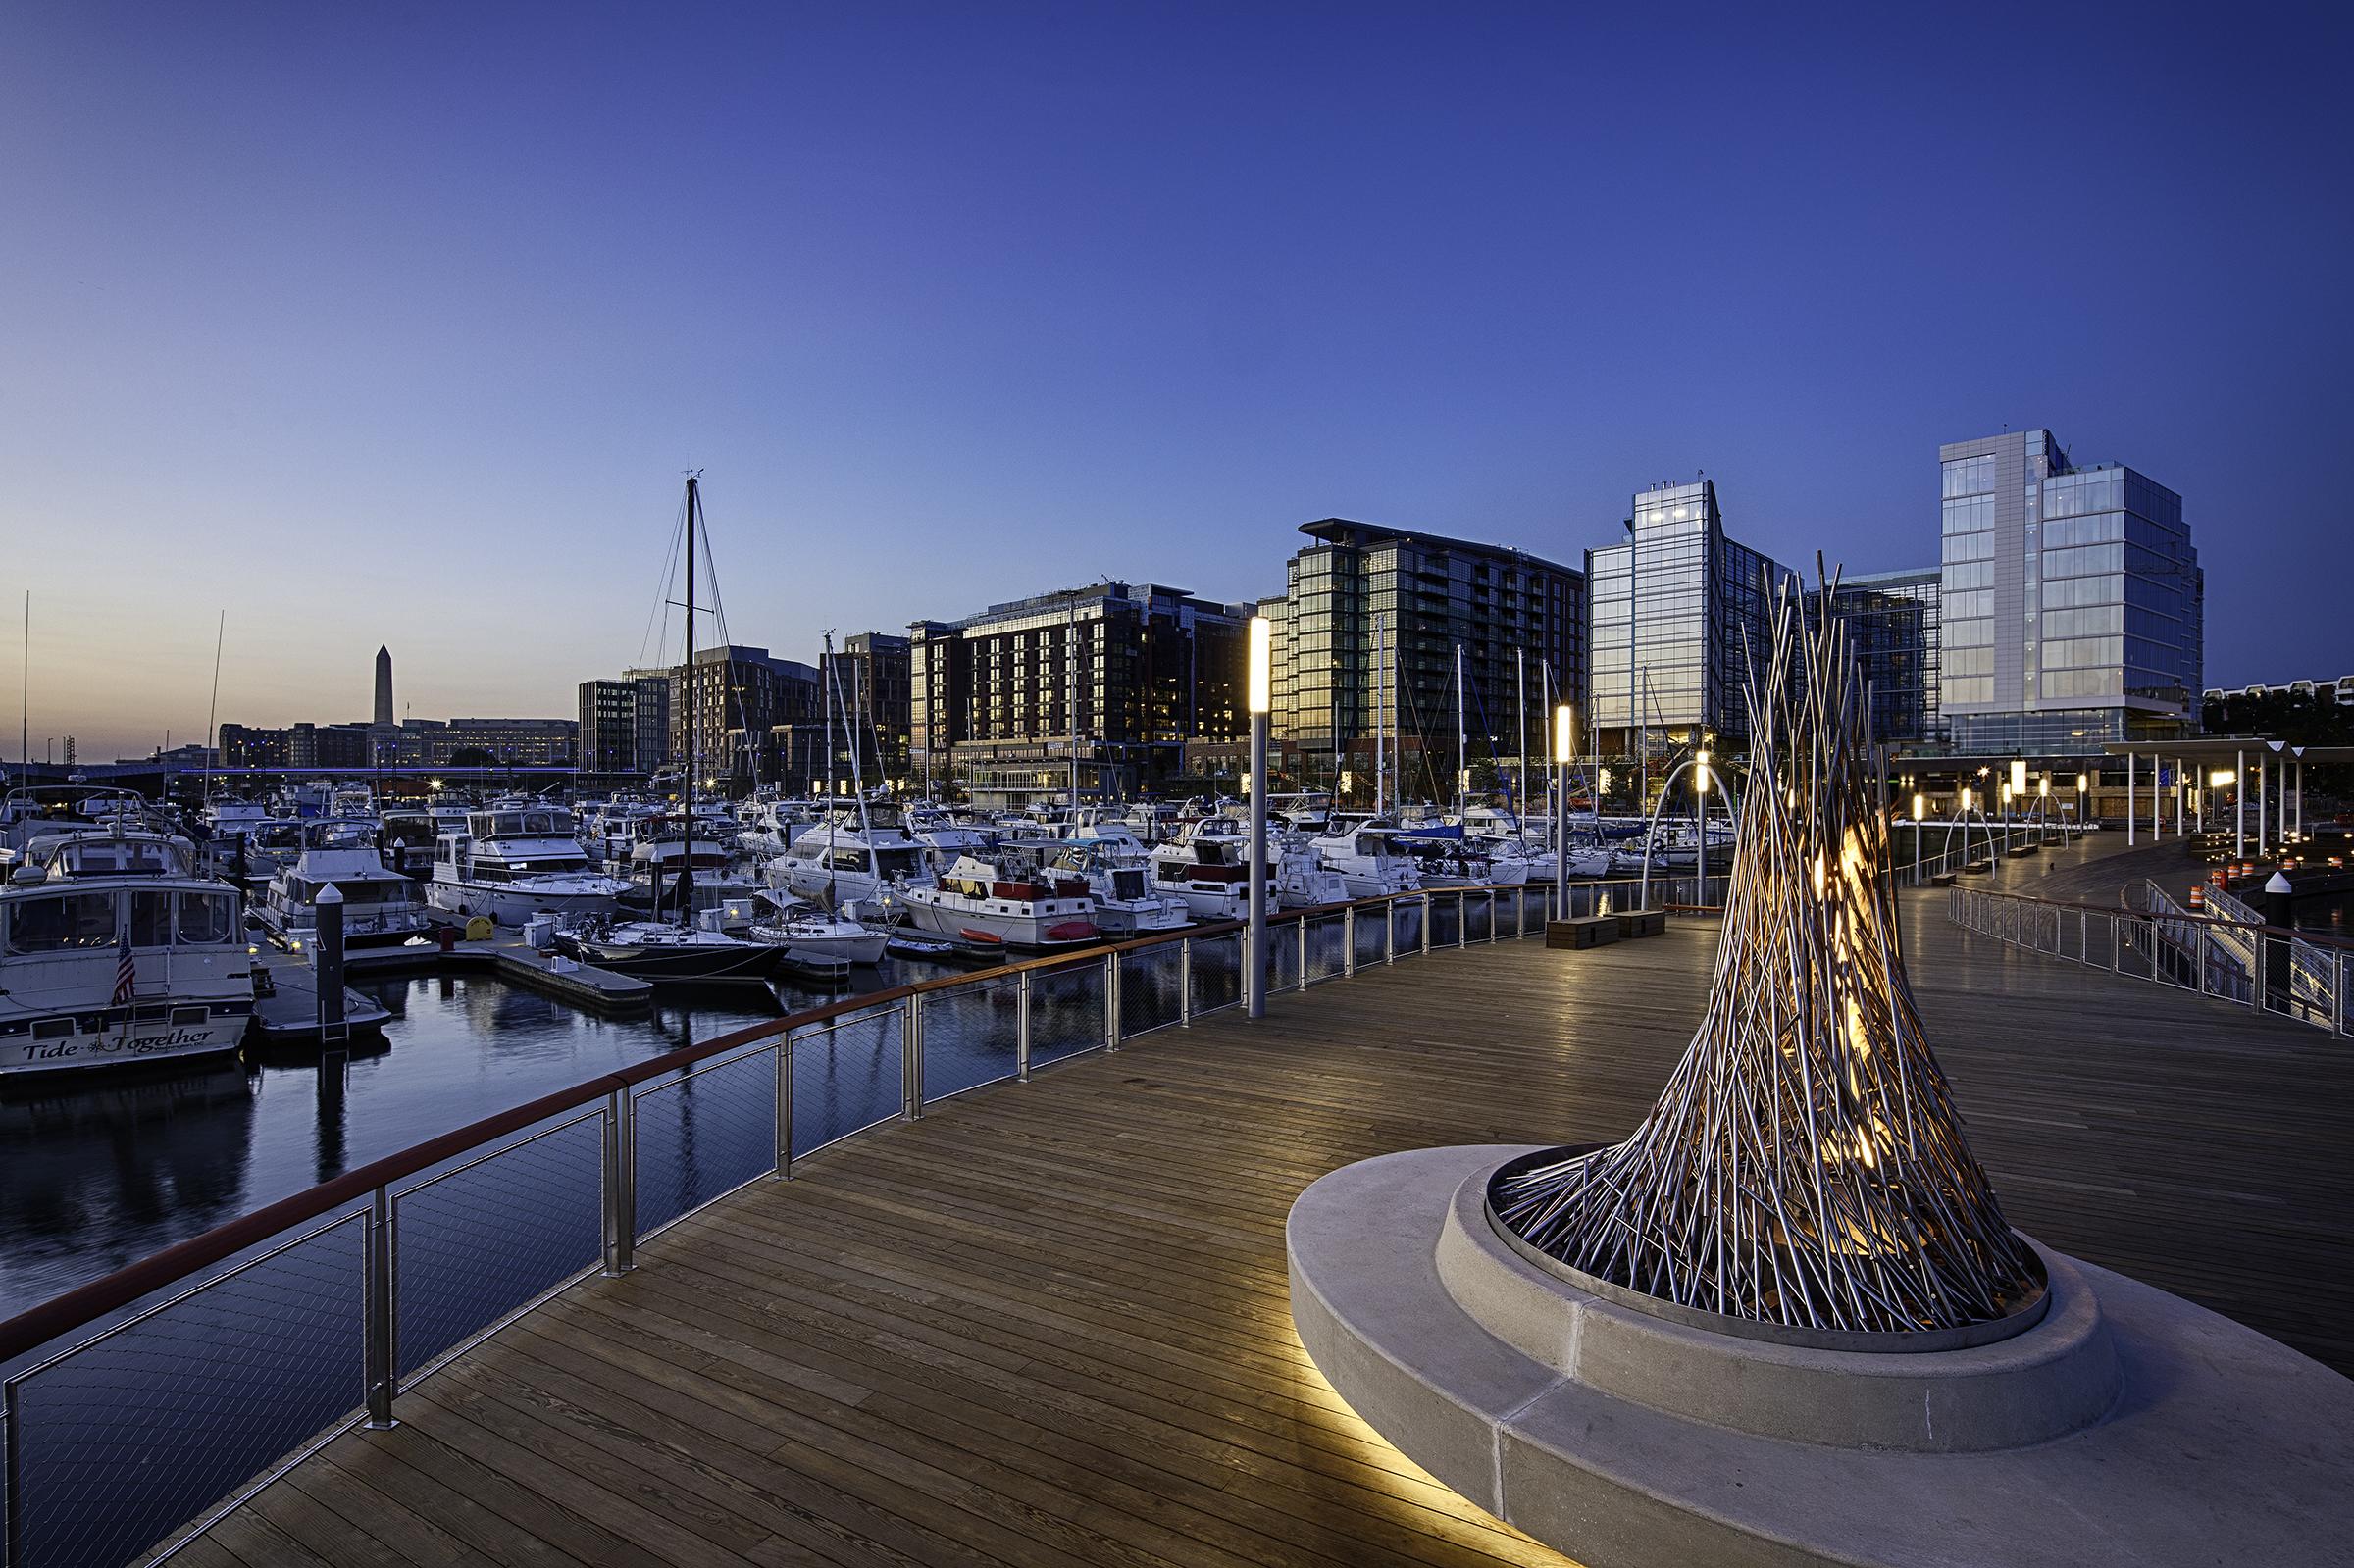 The wharf 2